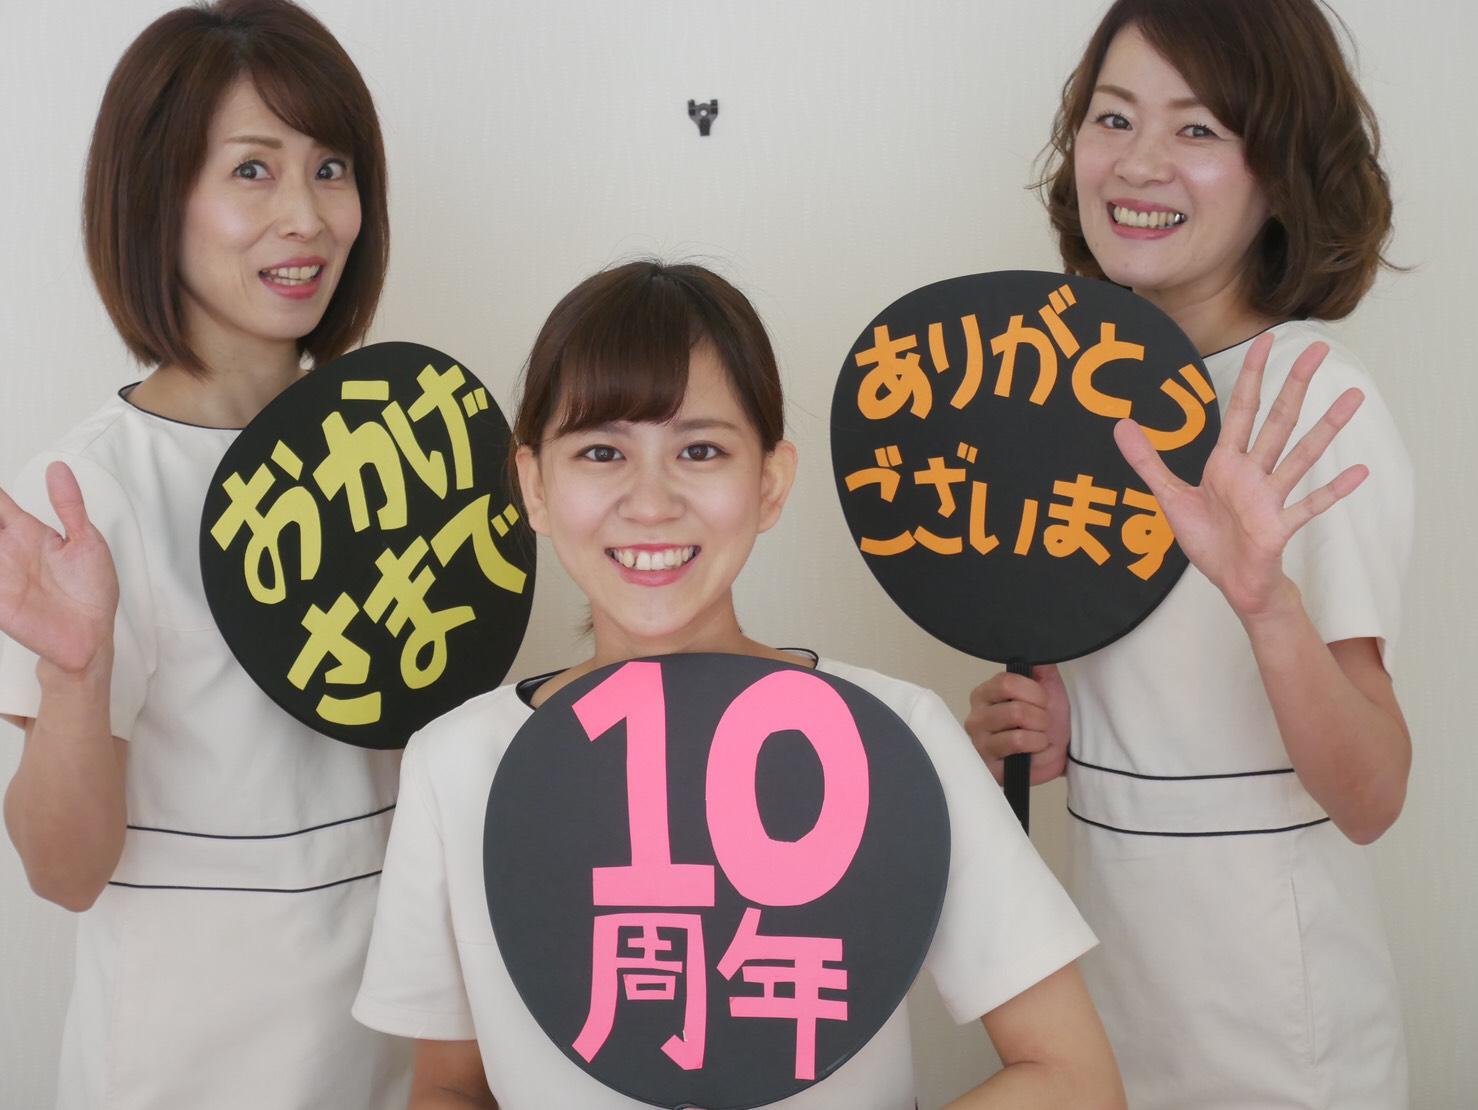 山口県柳井市のエステサロンのホームページ完成!